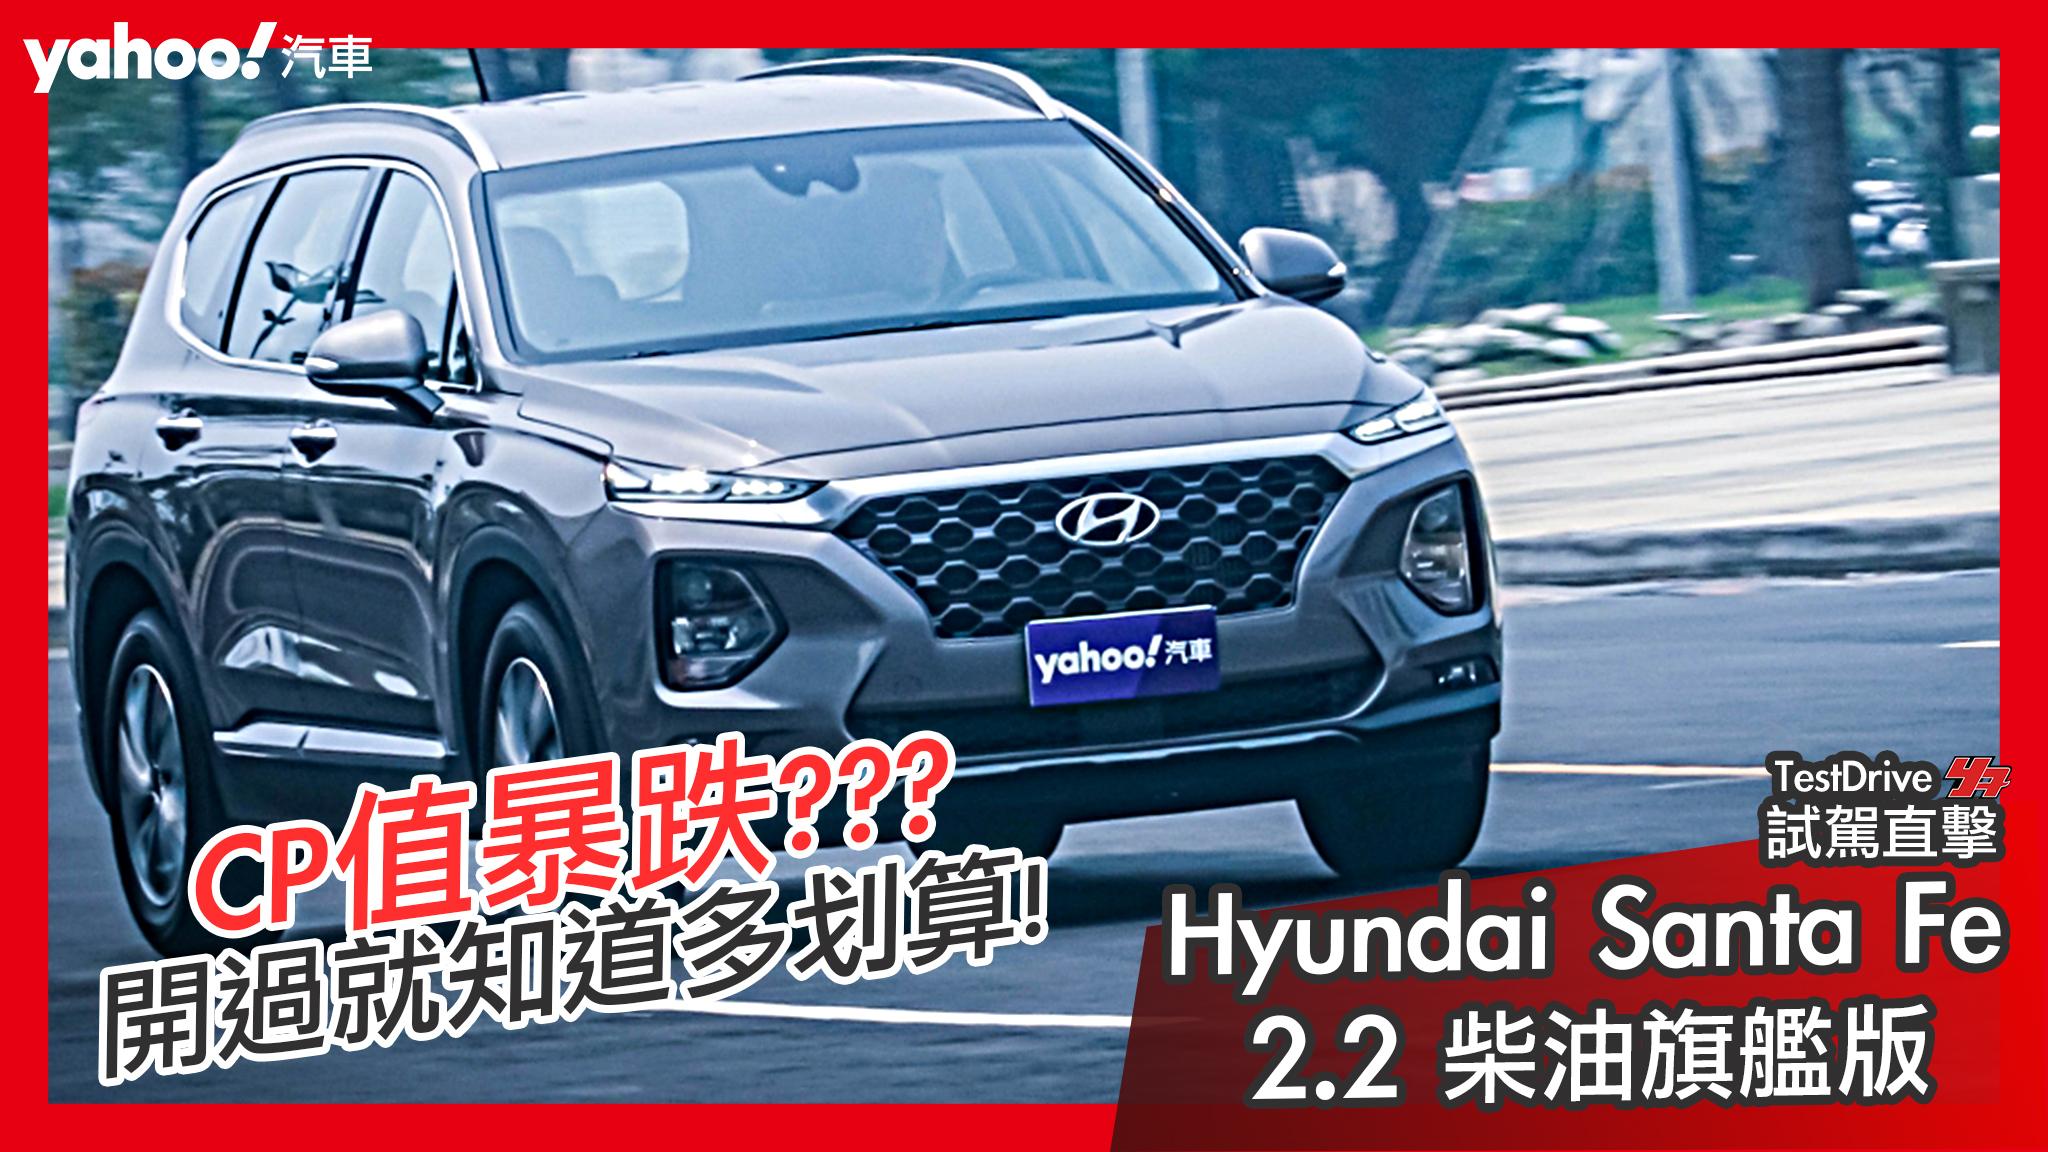 【試駕直擊】CP值暴跌?做完功課再說吧!2020 Hyundai Santa Fe 2.2柴油旗艦版北高長途試駕暨油耗實測!